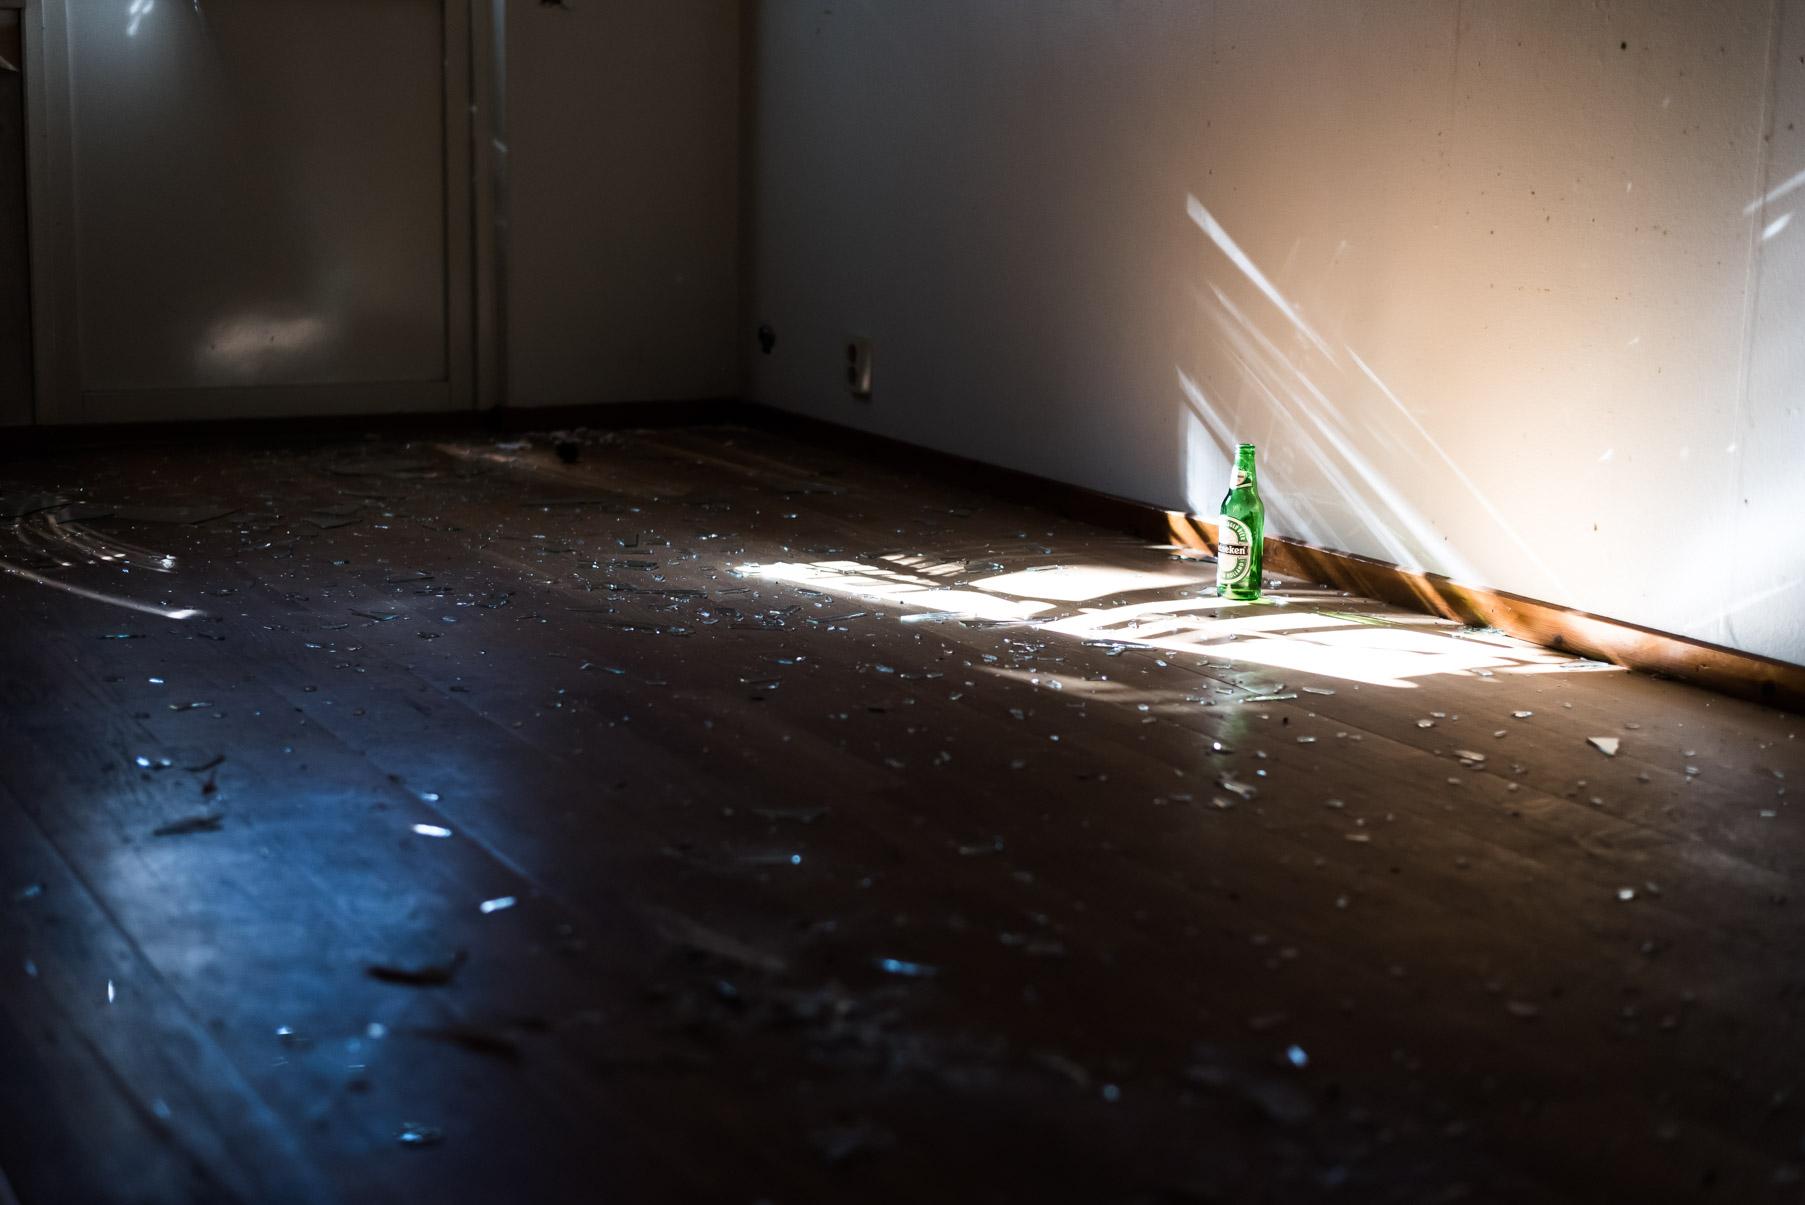 När ljuset började komma in lägenheterna så blev det grymma bilder